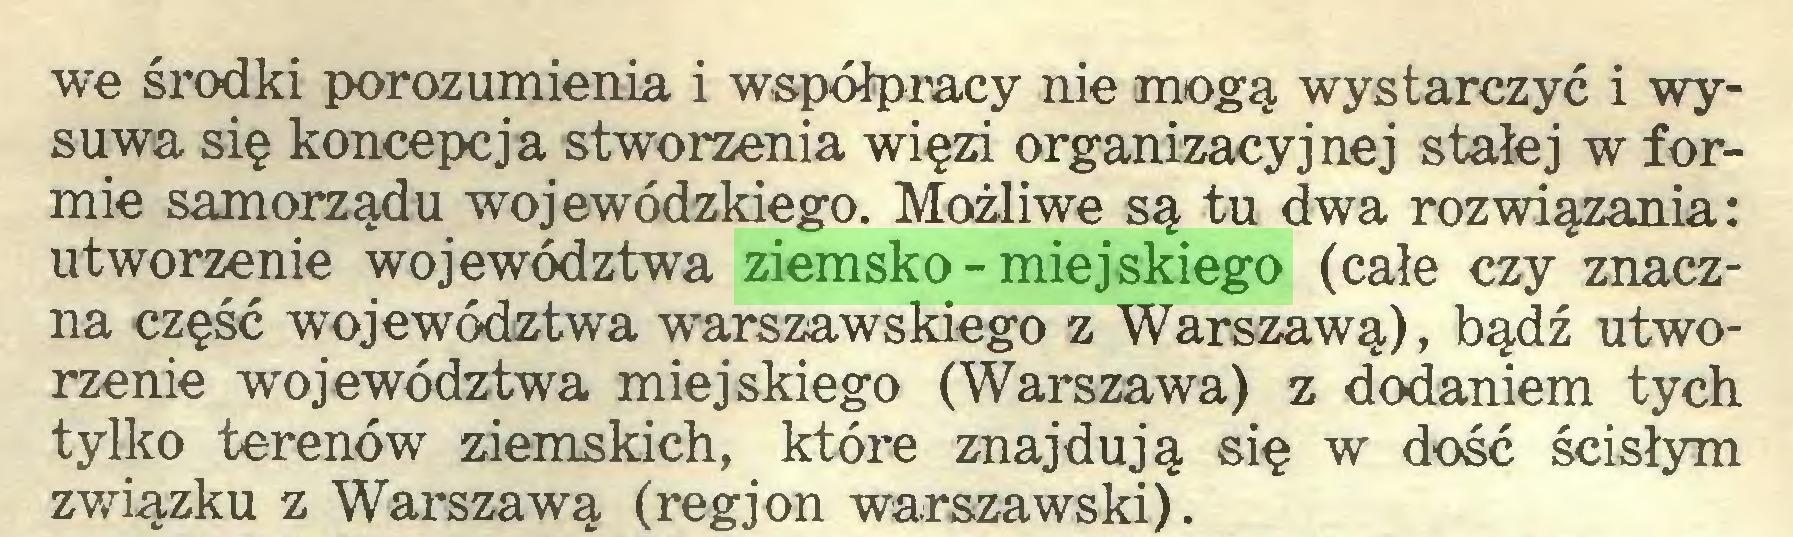 (...) we środki porozumienia i współpracy nie mogą wystarczyć i wysuwa się koncepcja stworzenia więzi organizacyjnej stałej w formie samorządu wojewódzkiego. Możliwe są tu dwa rozwiązania: utworzenie województwa ziemsko-miejskiego (całe czy znaczna część województwa warszawskiego z Warszawą), bądź utworzenie województwa miejskiego (Warszawa) z dodaniem tych tylko terenów ziemskich, które znajdują się w dość ścisłym związku z Warszawą (regjon warszawski)...